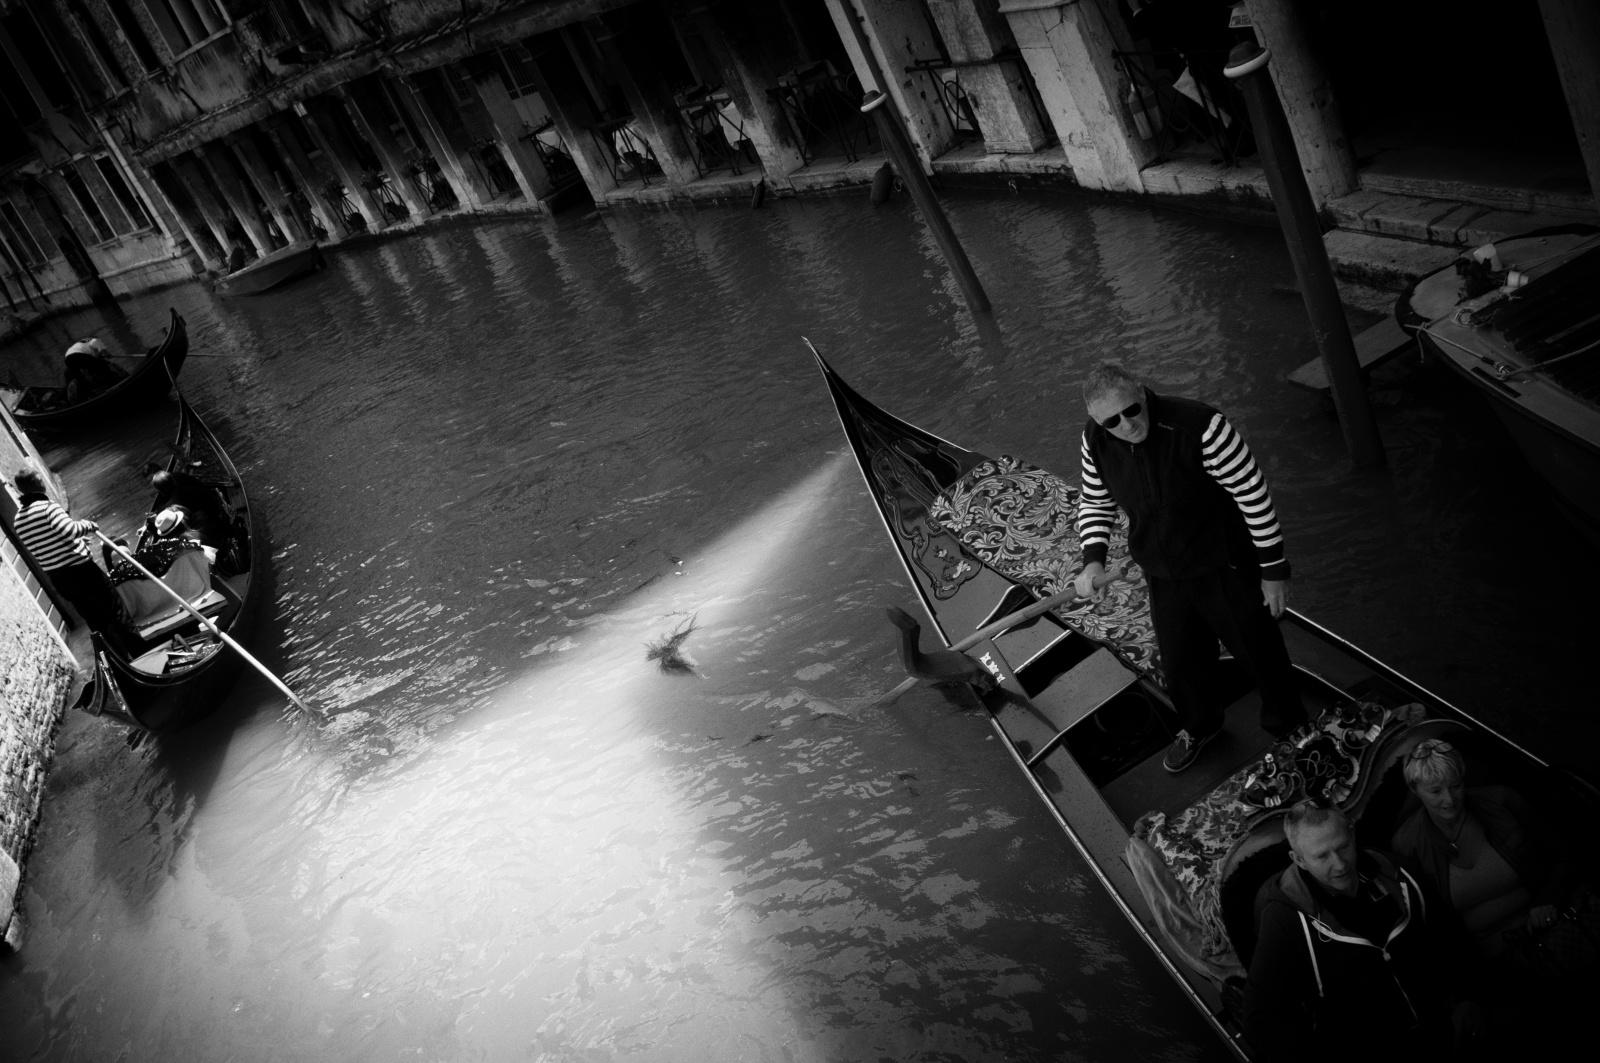 Venezia - 25 maggio 2013